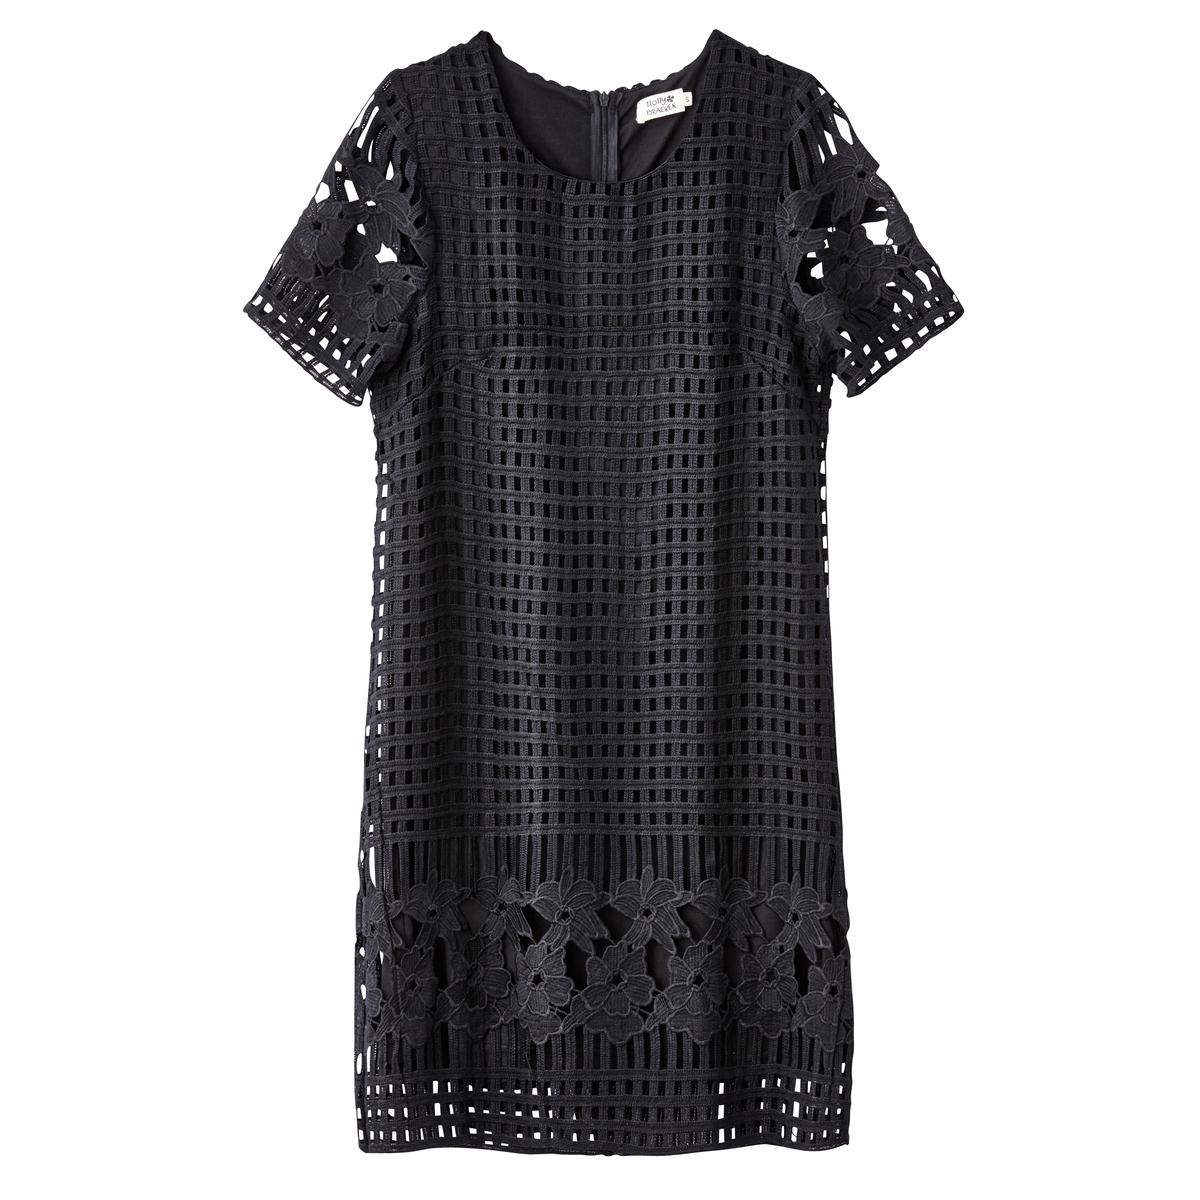 Платье прямое ажурноеОписание:Детали  •  Форма :прямая •  Укороченная модель •  Короткие рукава    •  Круглый вырезСостав и уход  •  100% полиэстер •  Следуйте рекомендациям по уходу, указанным на этикетке изделия<br><br>Цвет: черный<br>Размер: XS